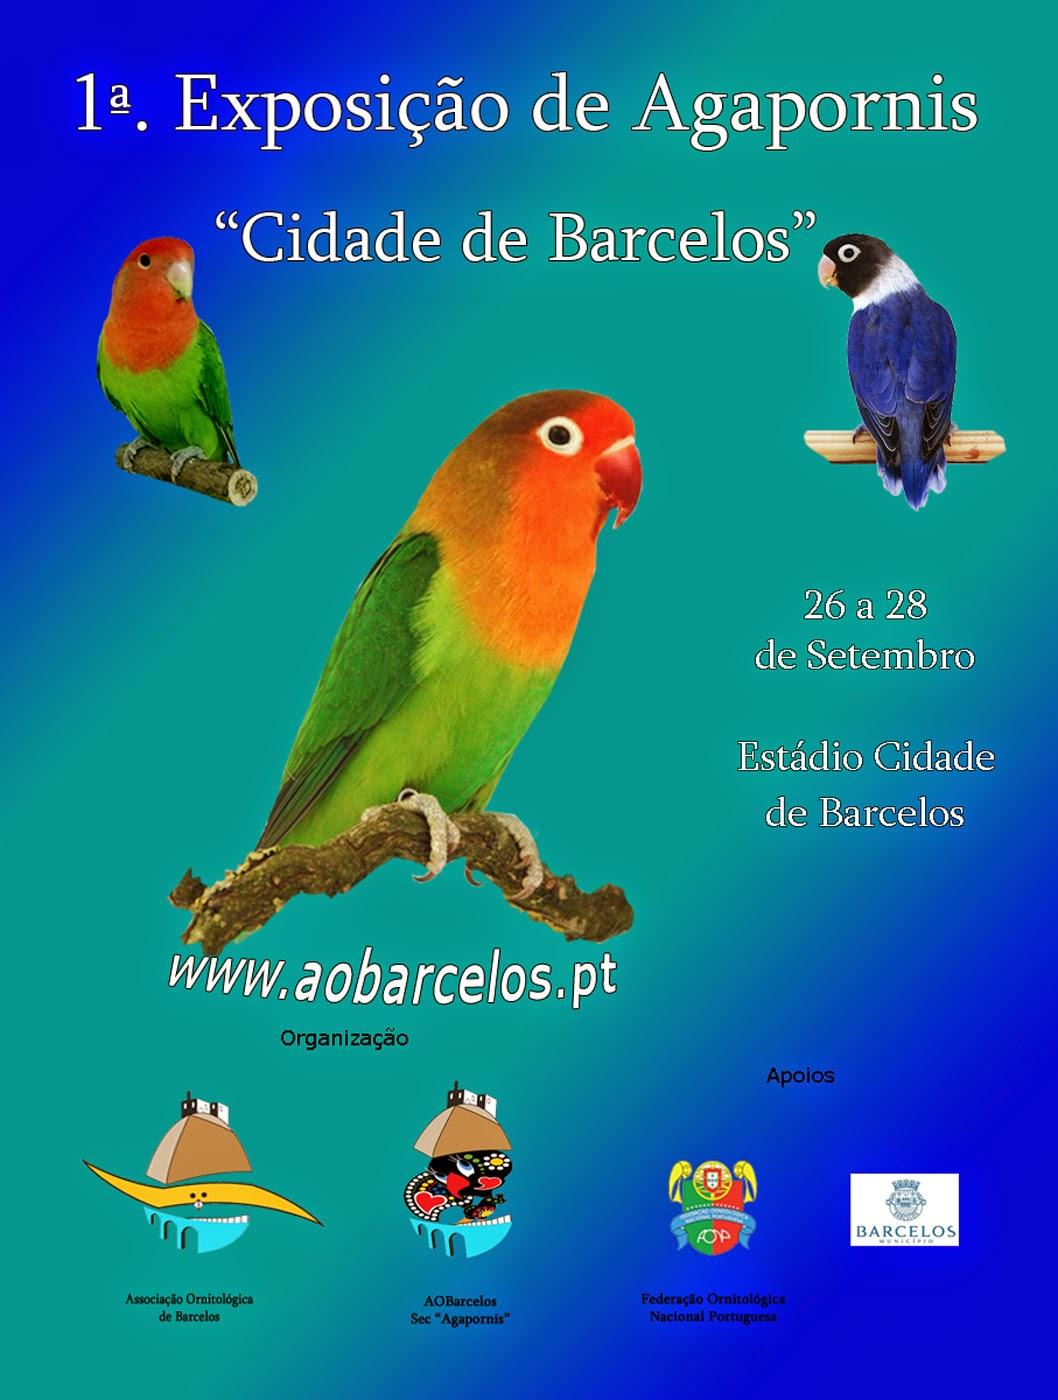 www.aobarcelos.pt